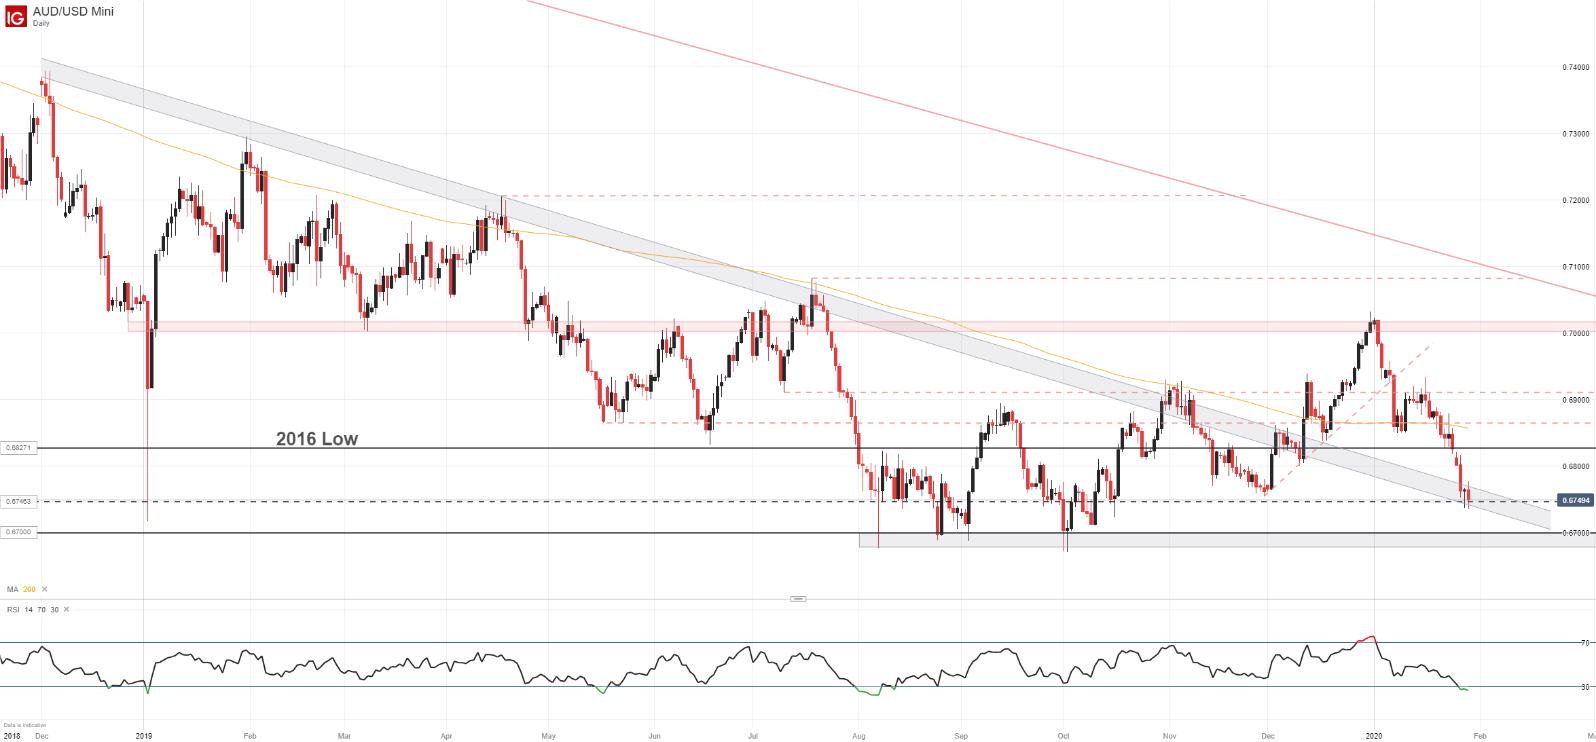 澳元走势分析:澳元/美元支撑位岌岌可危,更大范围下行趋势恢复在即